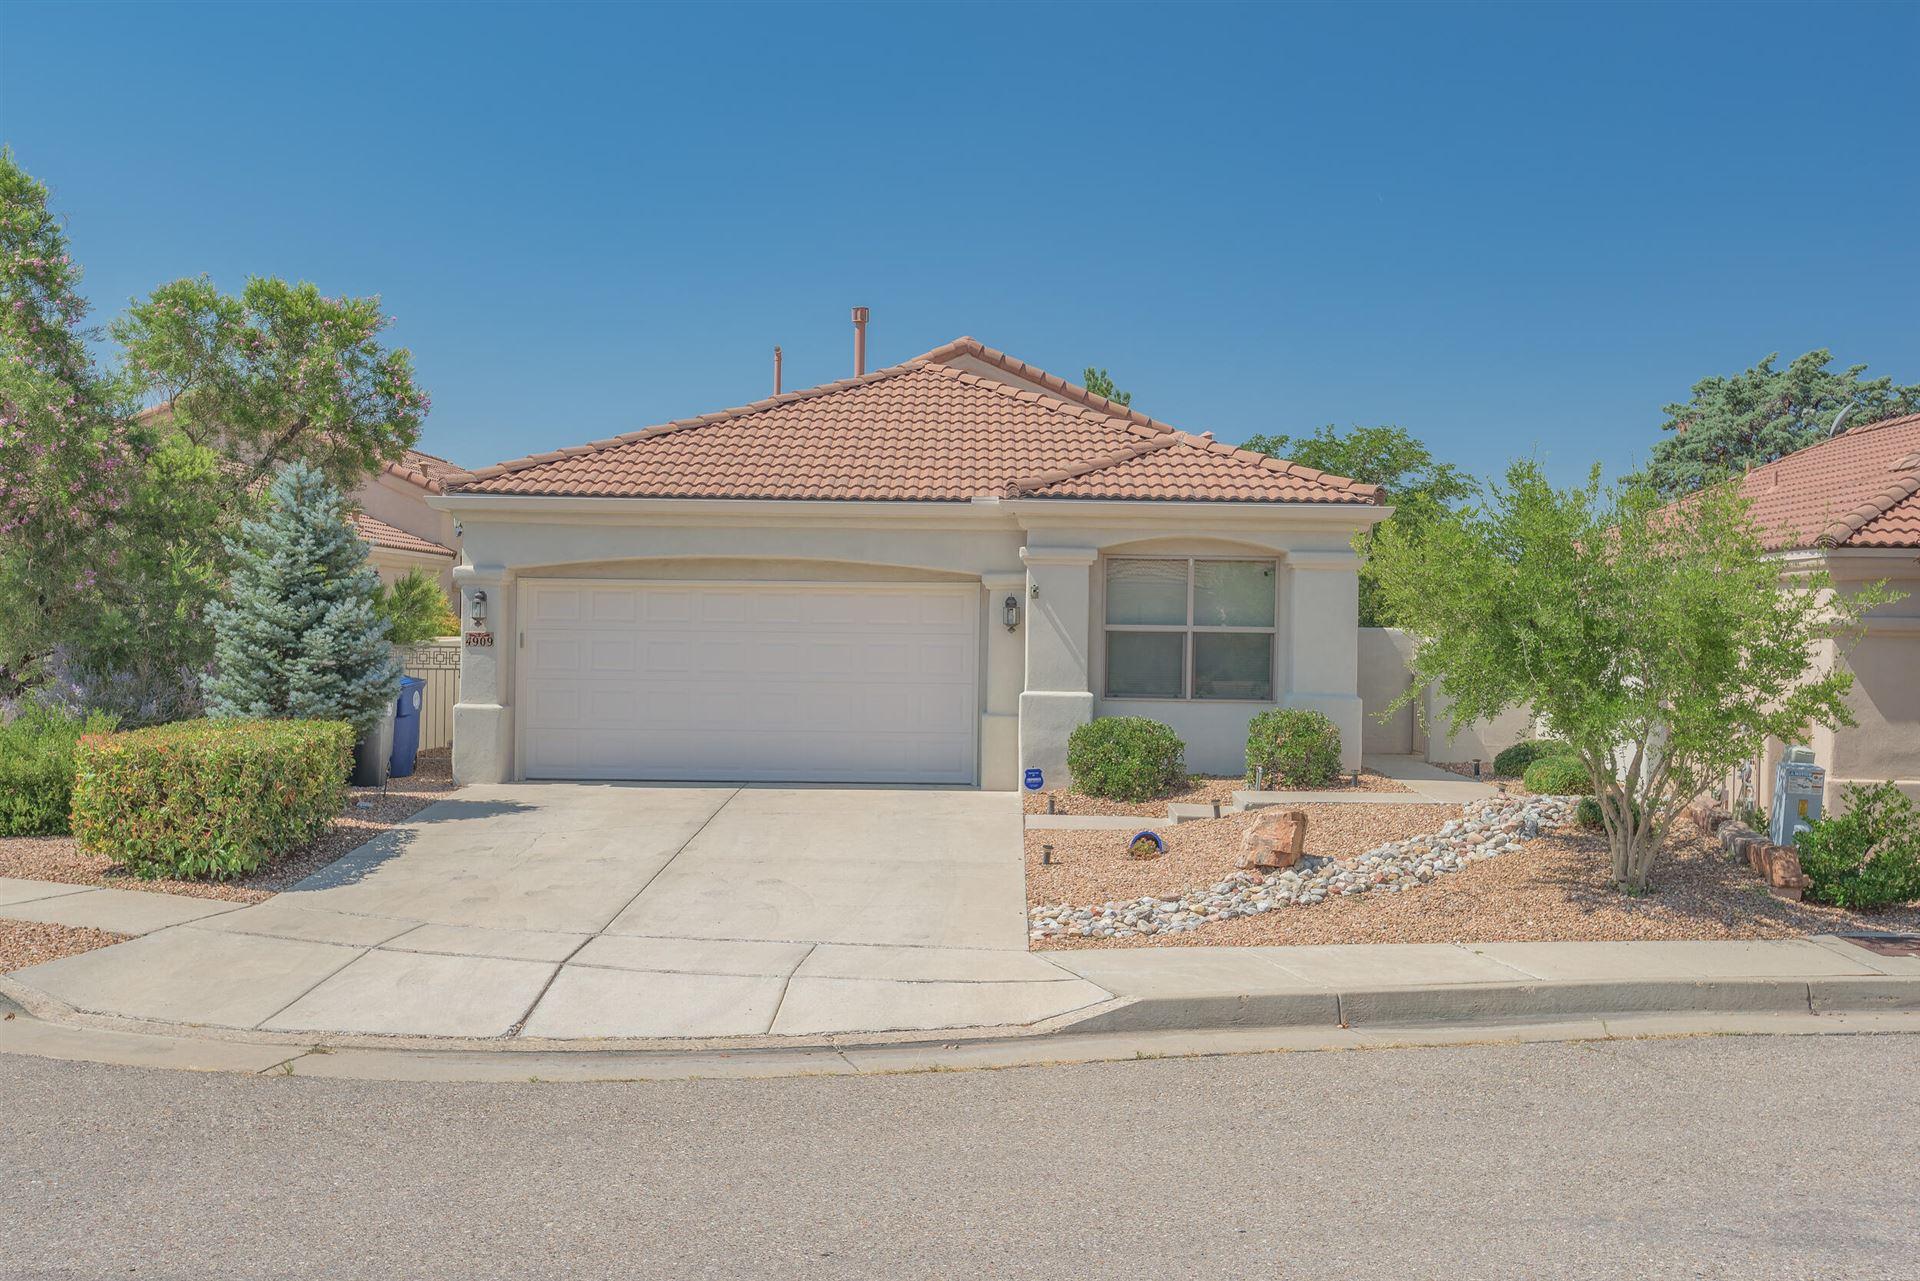 4909 SKYLINE RIDGE Court NE, Albuquerque, NM 87111 - MLS#: 1000948